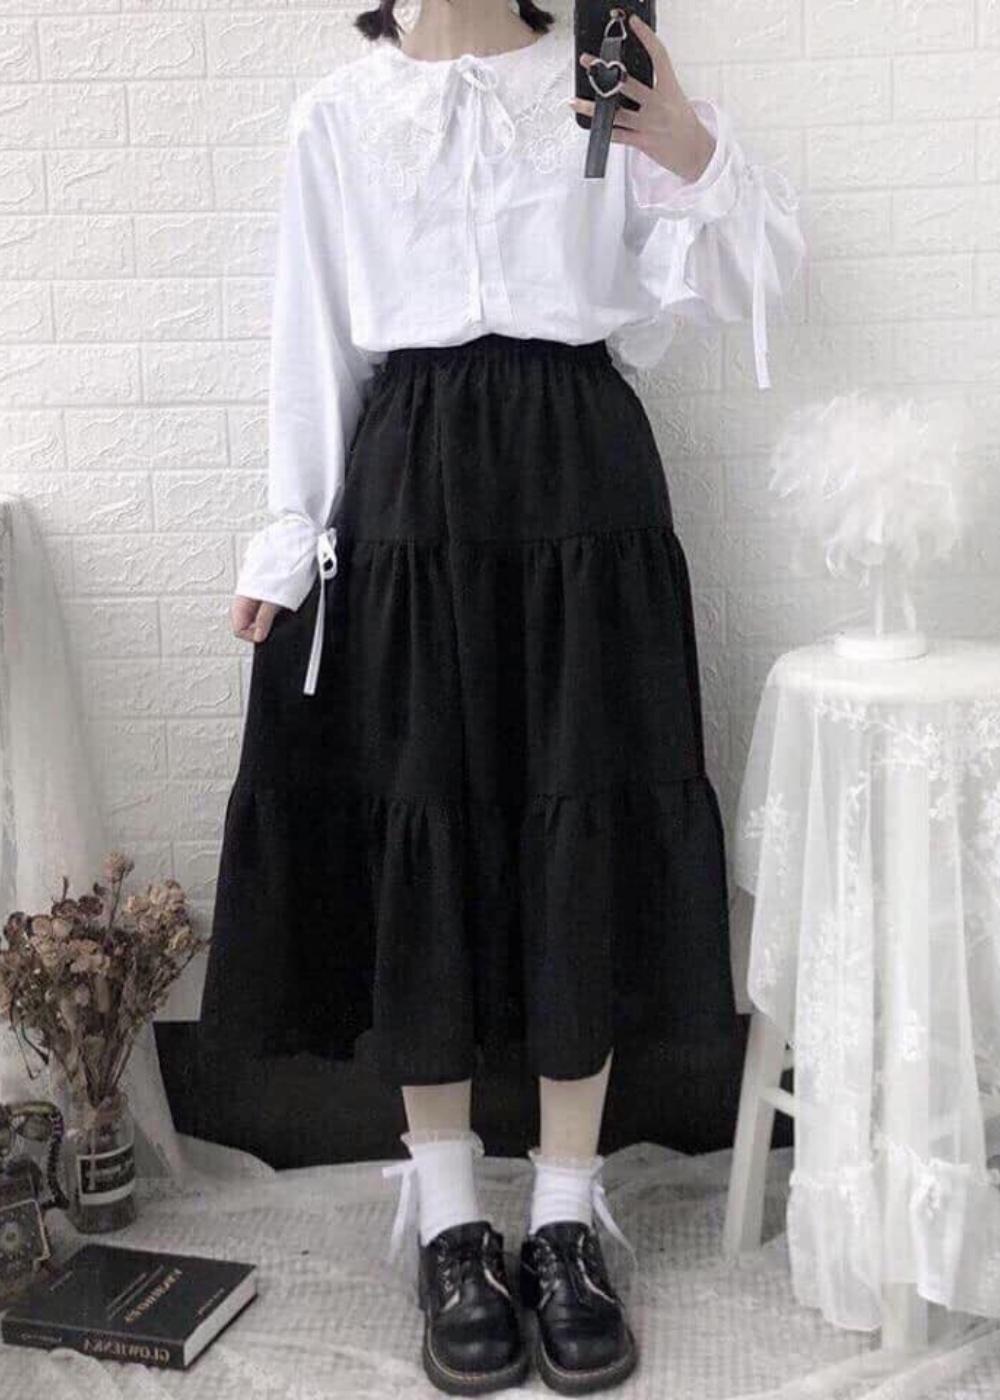 Chân váy xòe dáng dài chất đẹp, dễ thương 2 tầng cạp chun 3